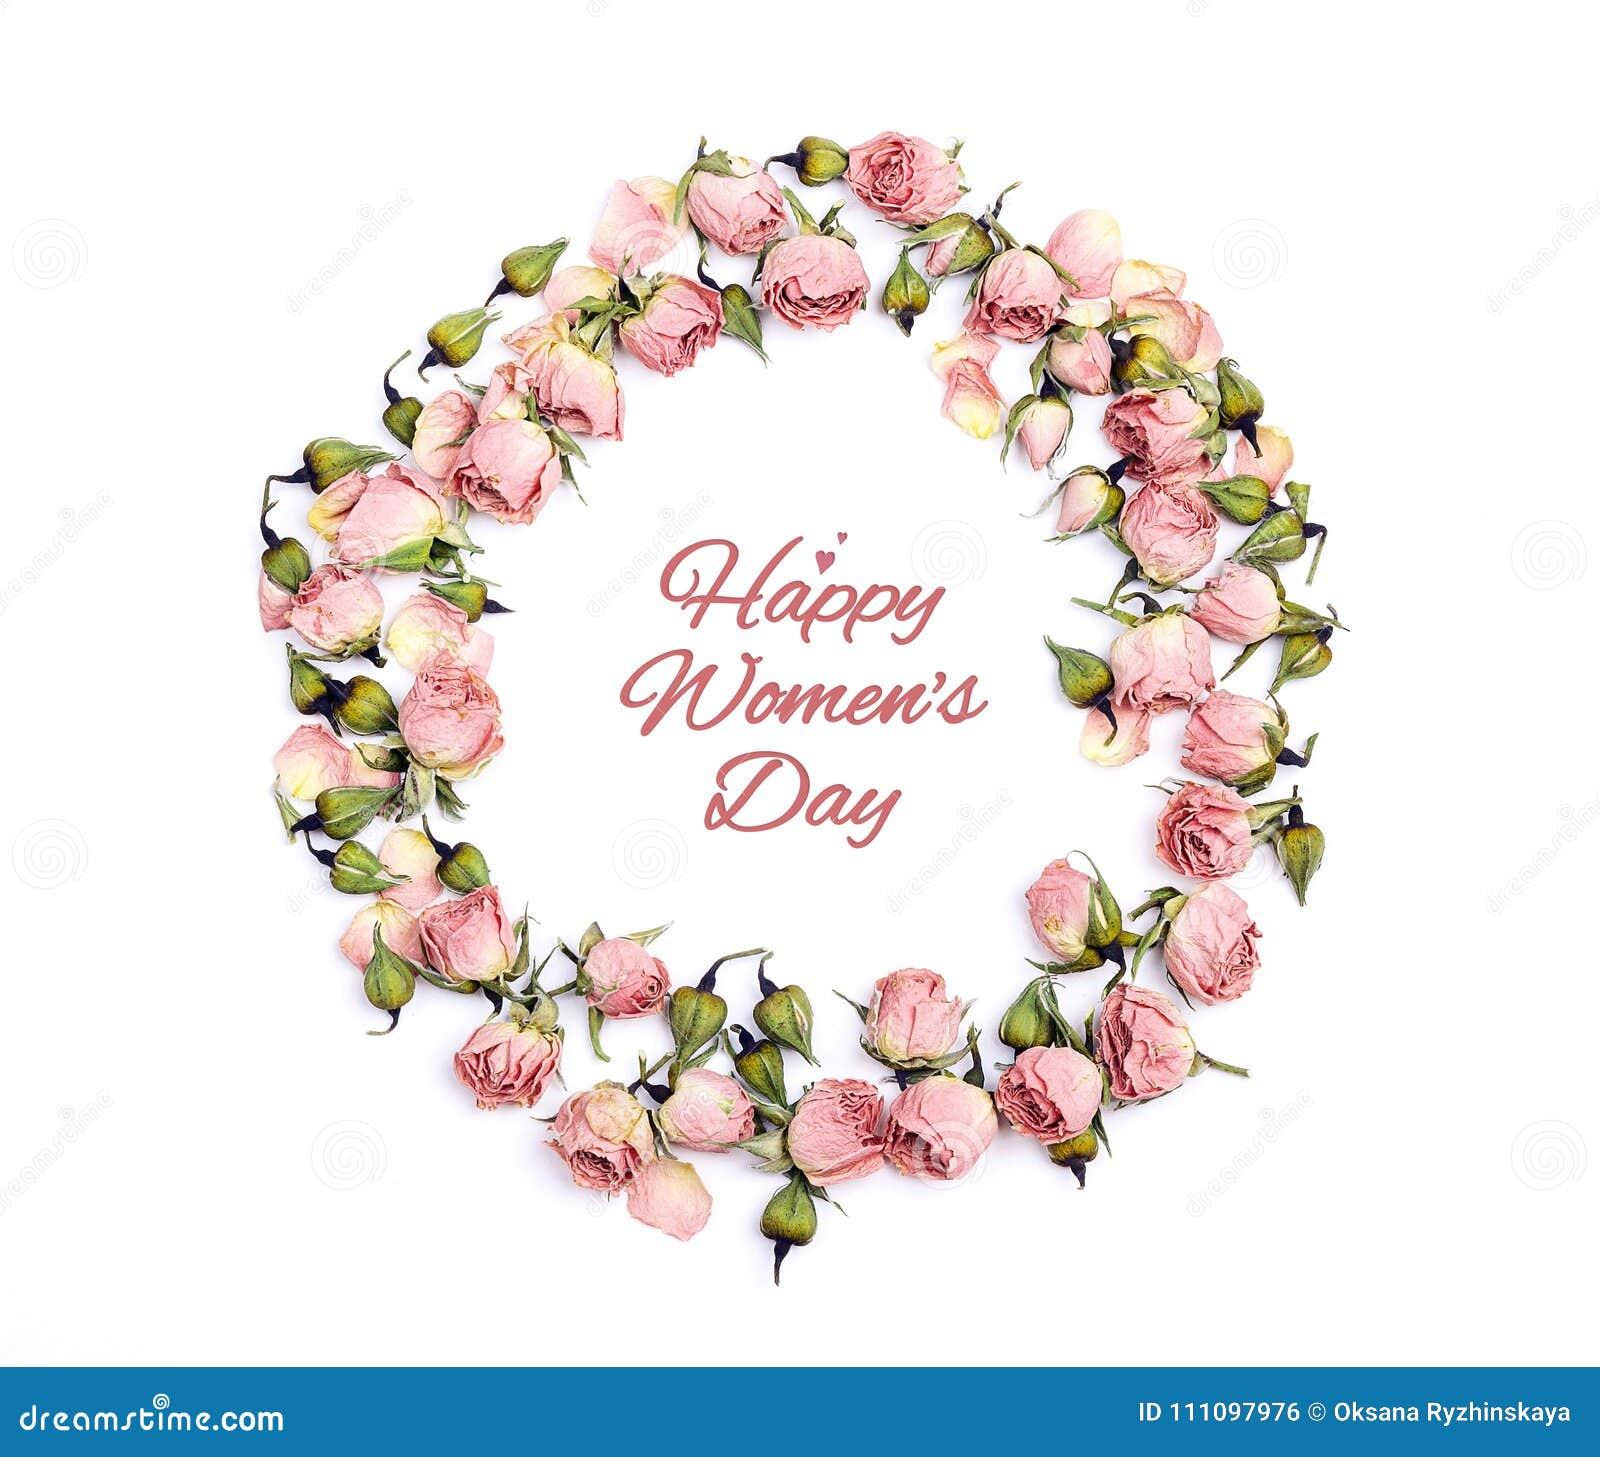 Runder Rahmen von kleinen rosa Rosen mit Frauen ` s Tagesgruß messag